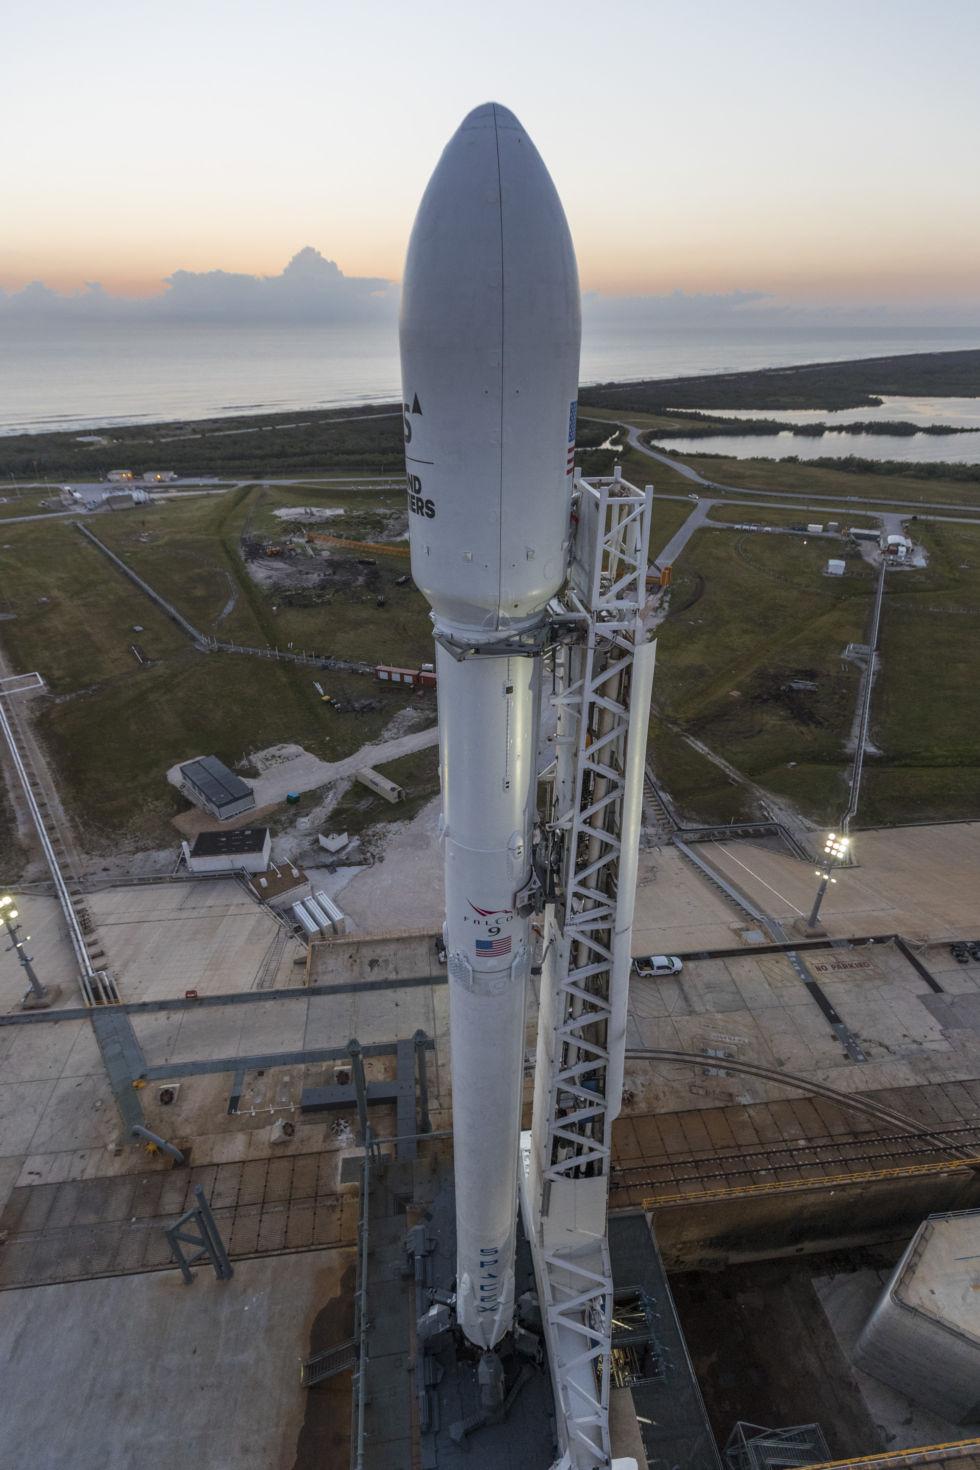 Elon Musk posta no Twitter um curioso vídeo de navio capturando partes do Falcon 9